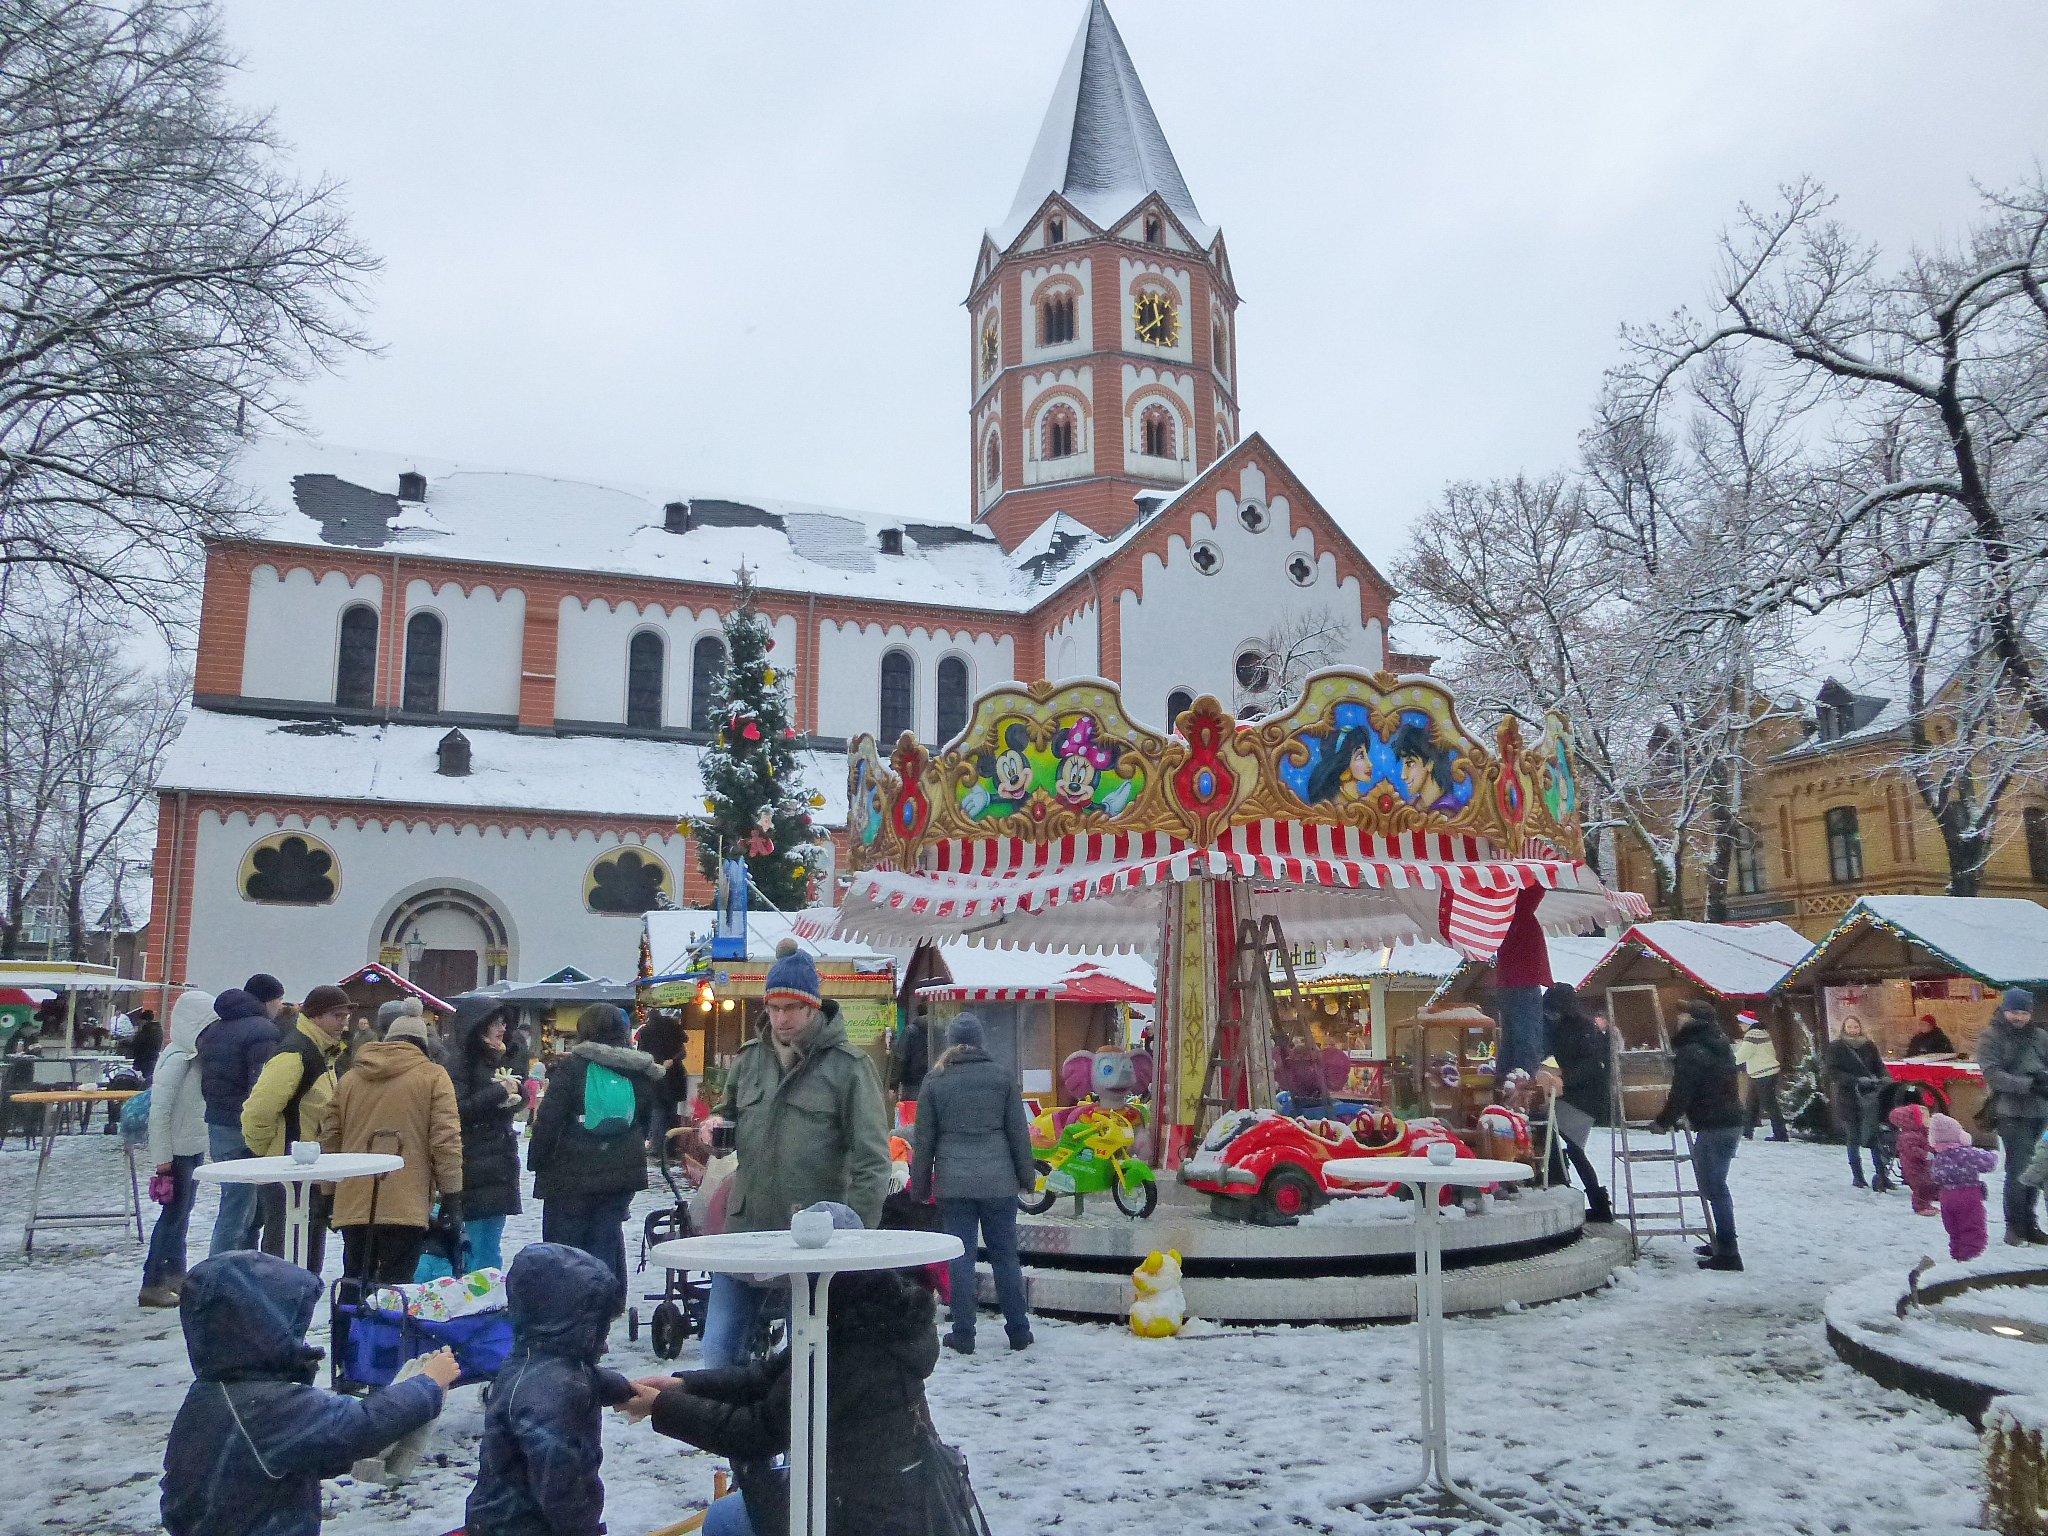 Wetter Gerresheim